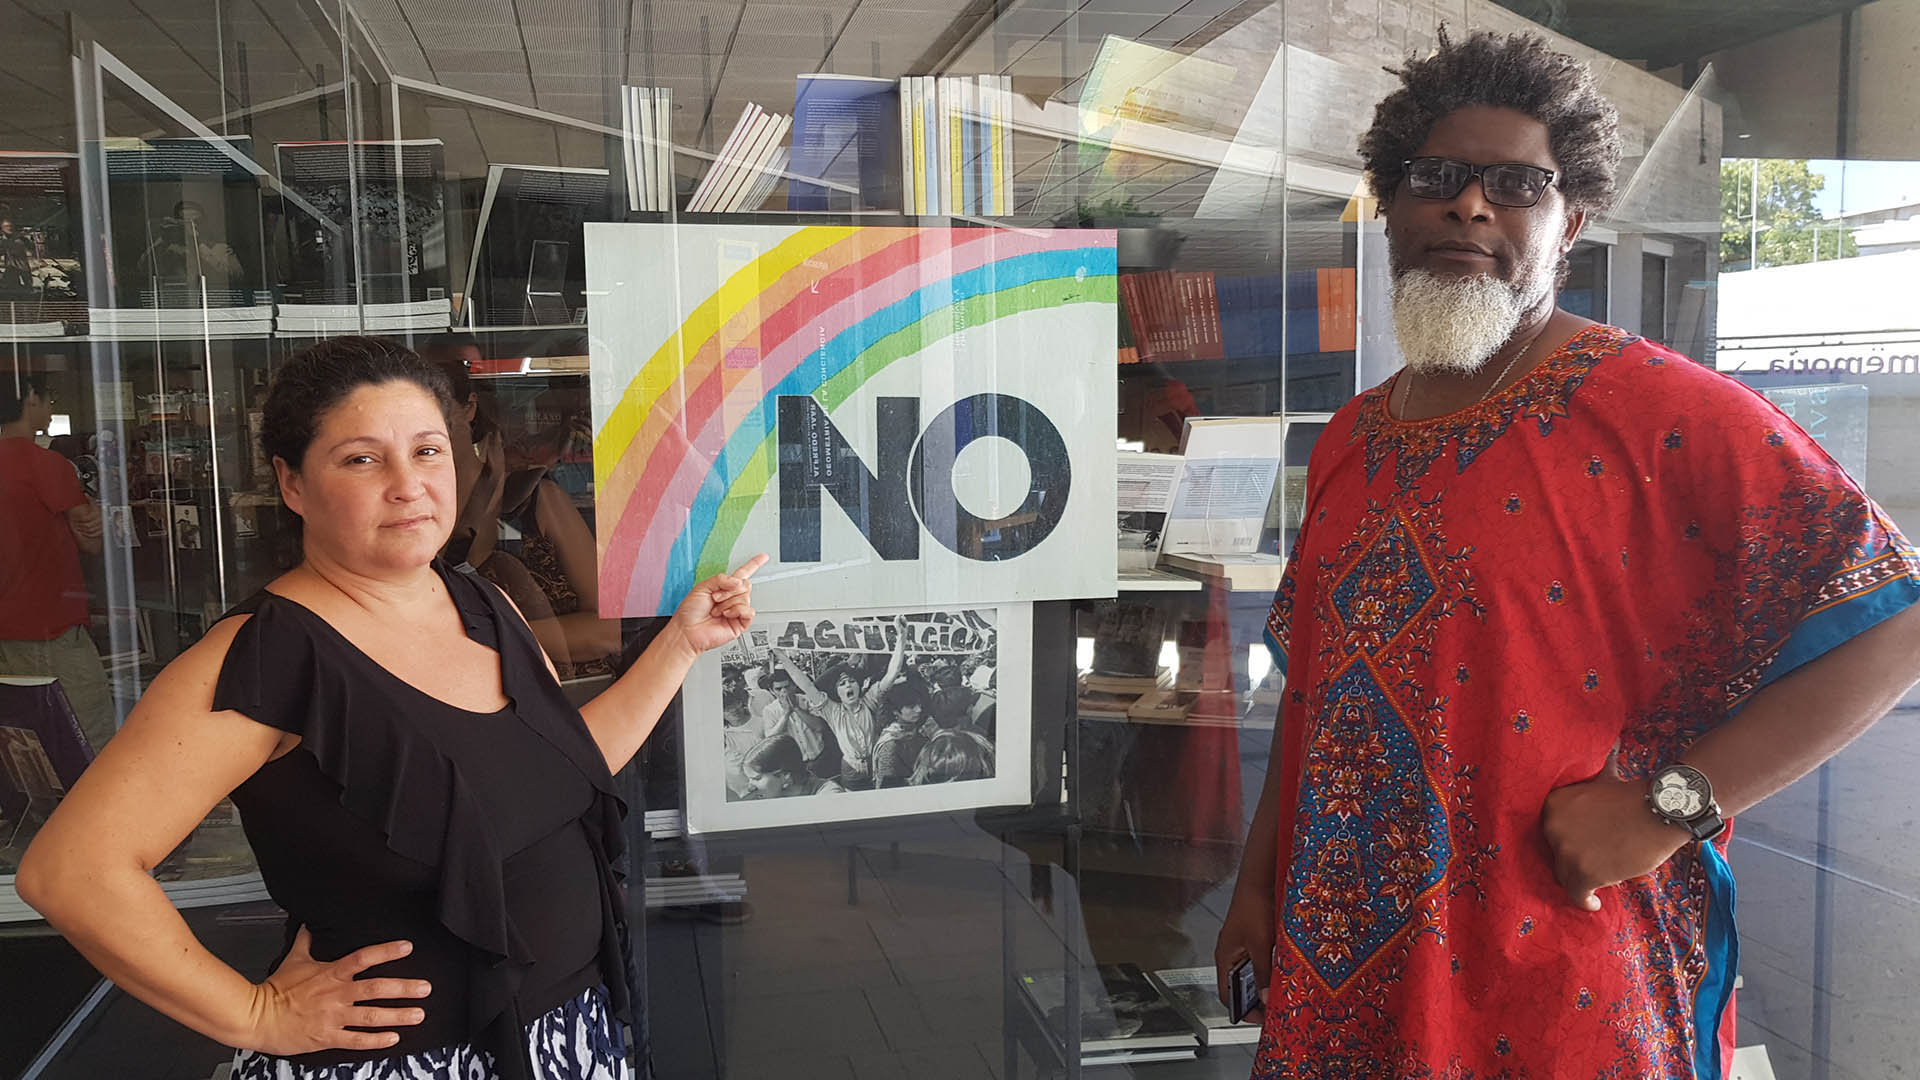 Los artistas cubanos Iris Ruiz y Amaury Pacheco con el afiche que compraron en Santiago de Chile y que les fue decomisado al regresar a Cuba